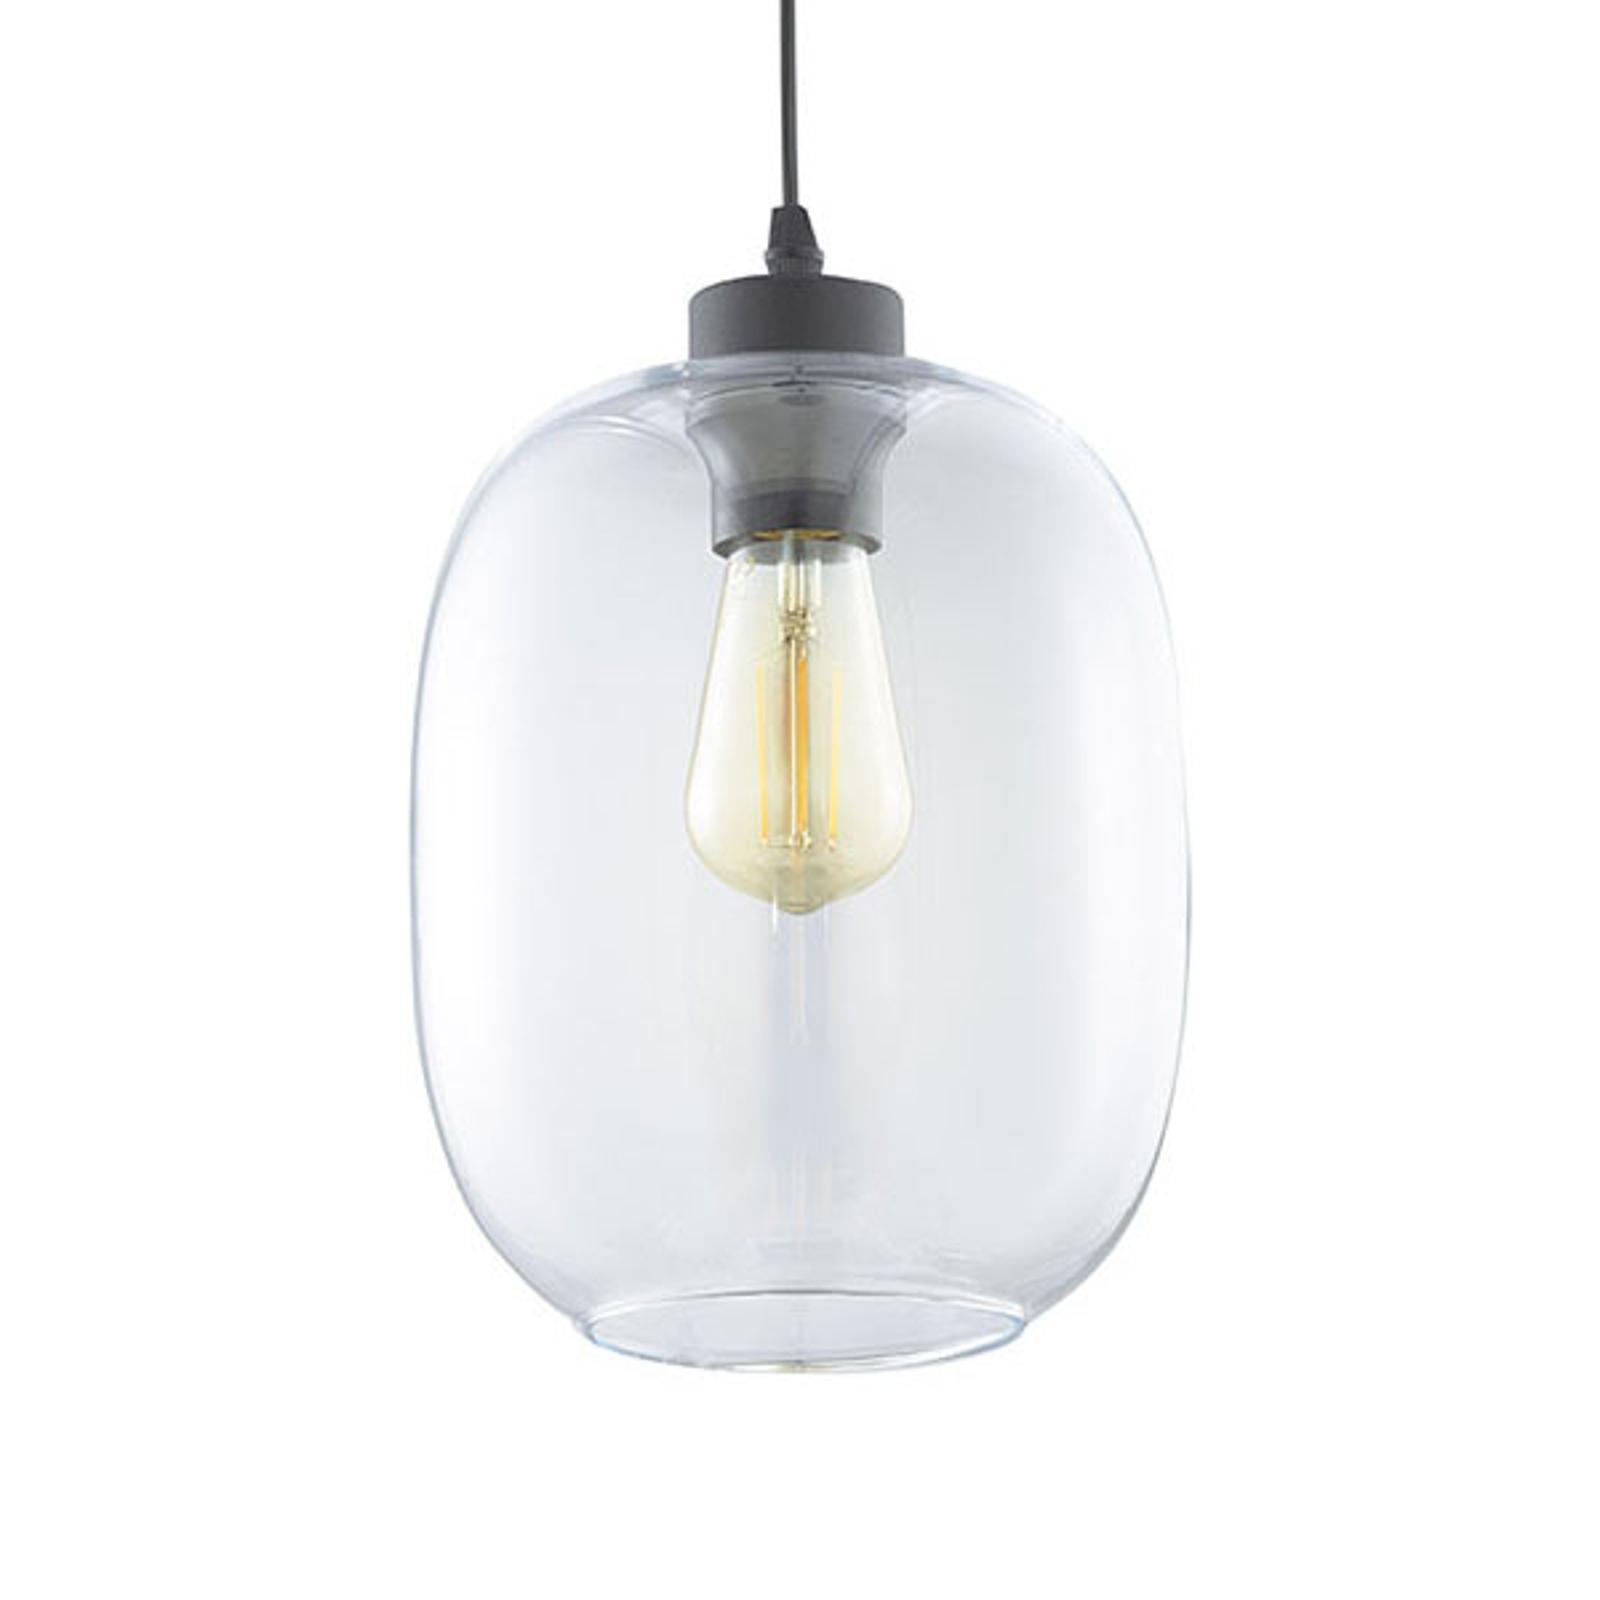 Hanglamp Elio, 1-lamp, transparant